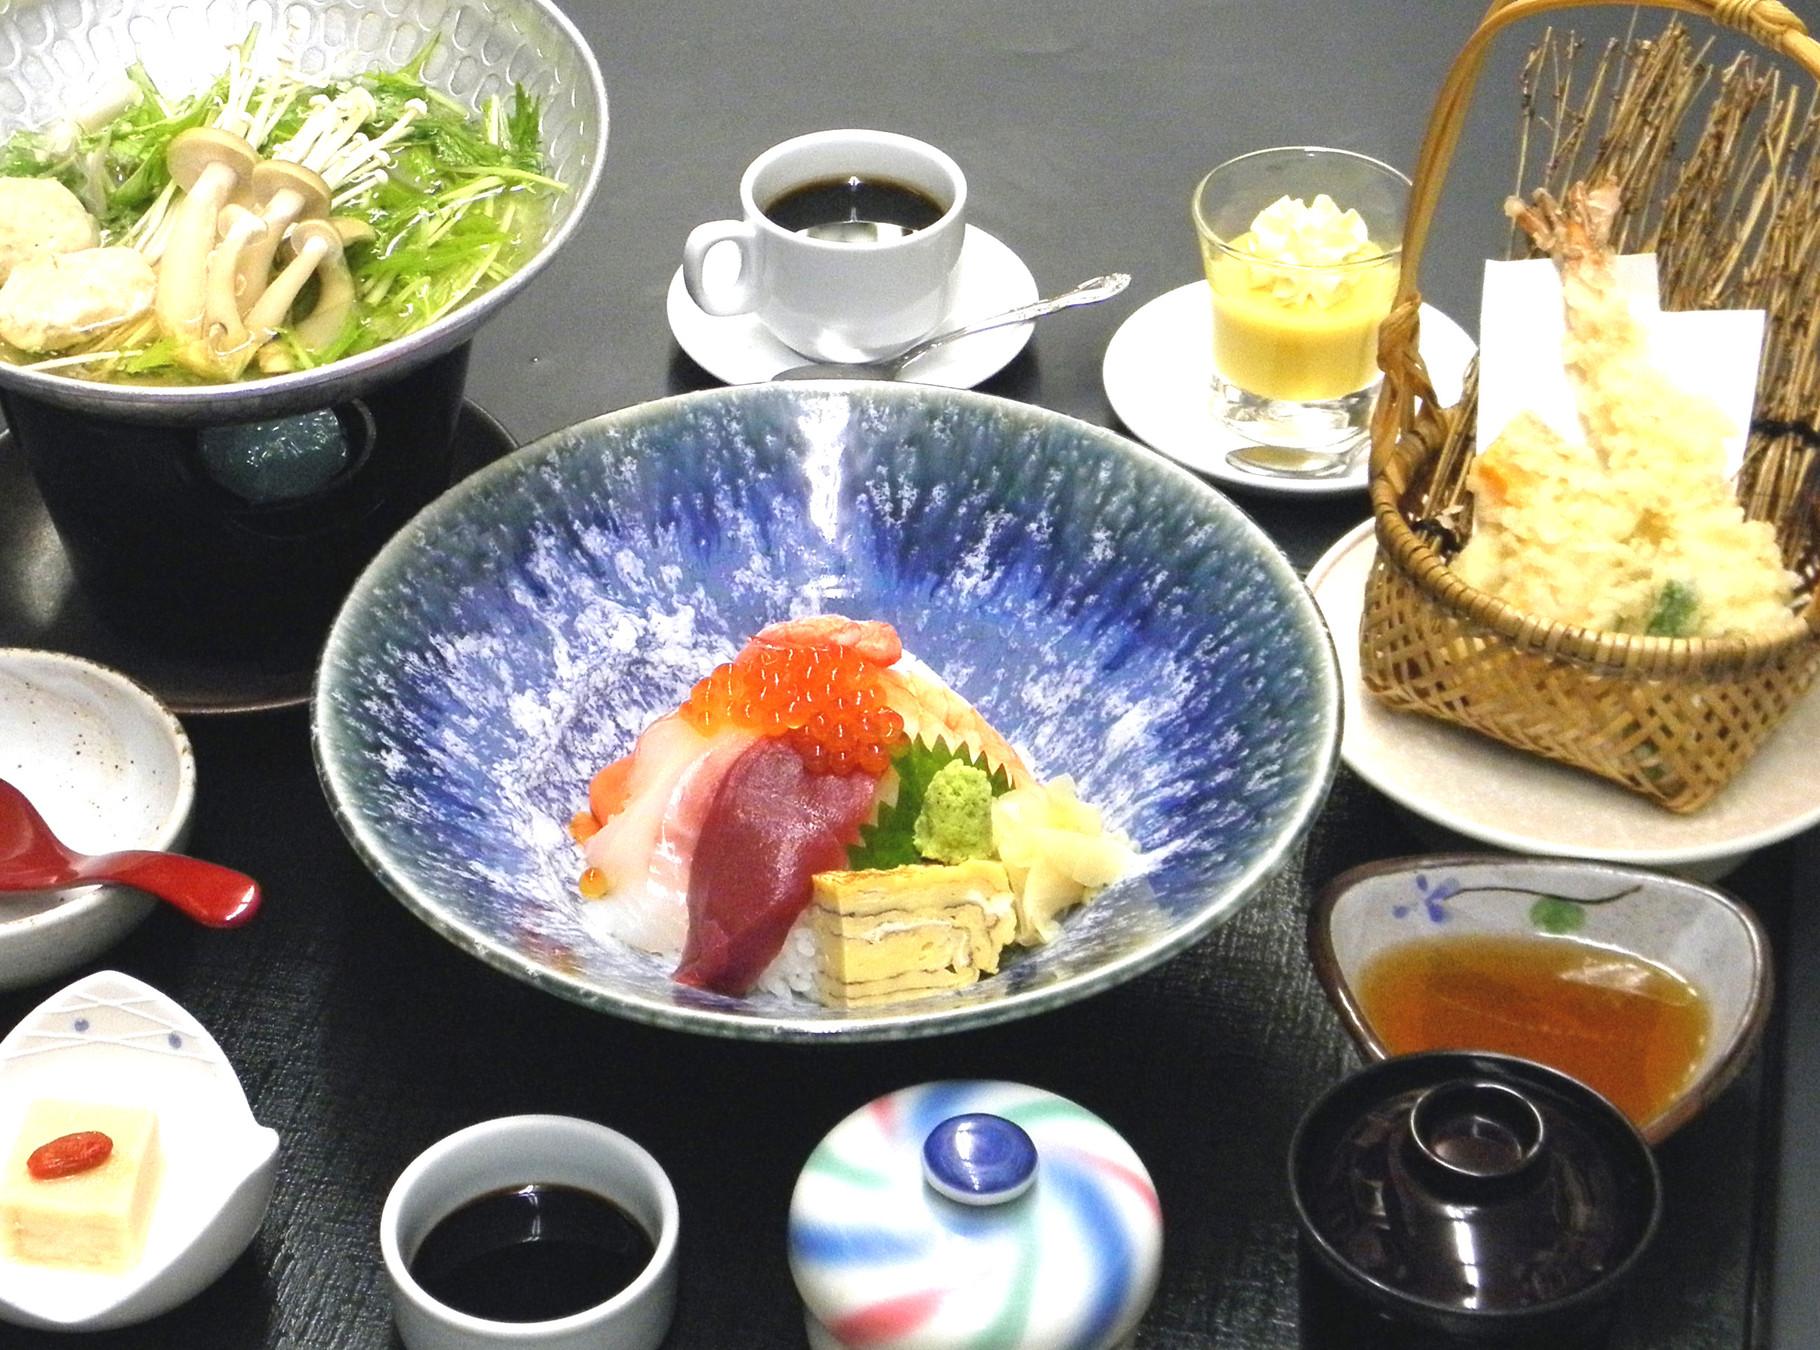 海鮮ちらし寿司御膳 1,600円(税込)